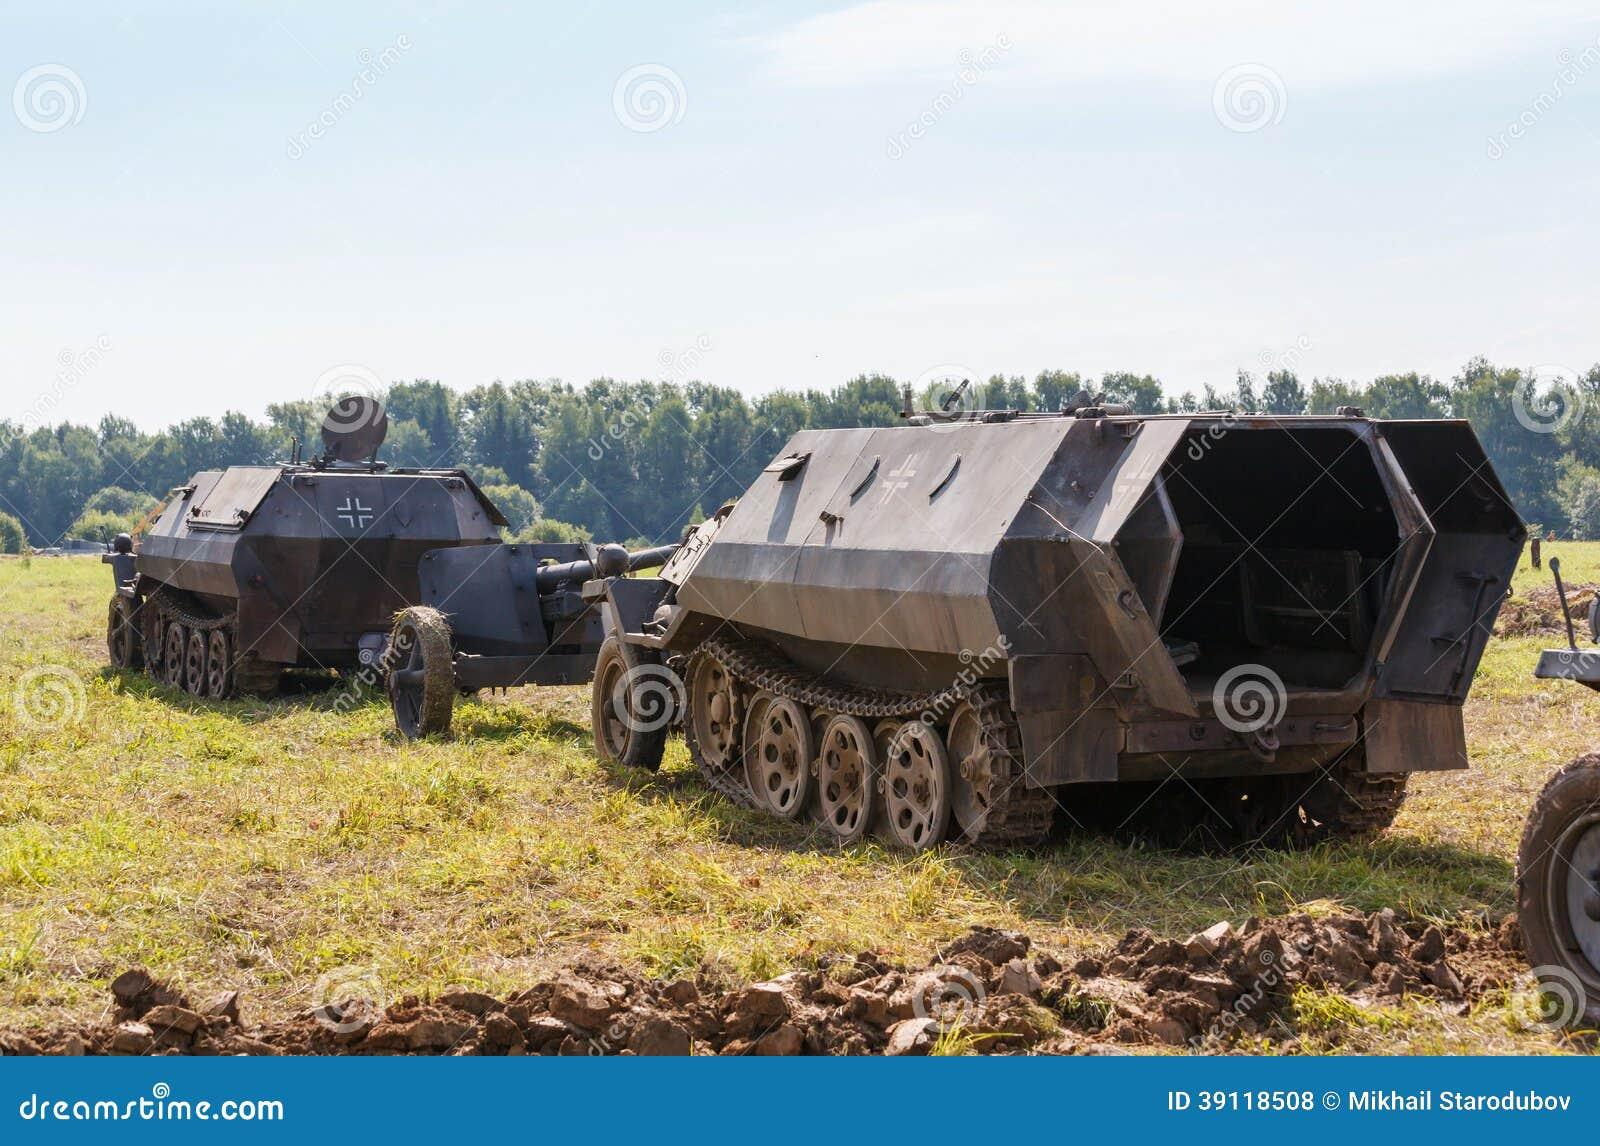 Duits helft-spoor gepantserd personeel SdKfz 250